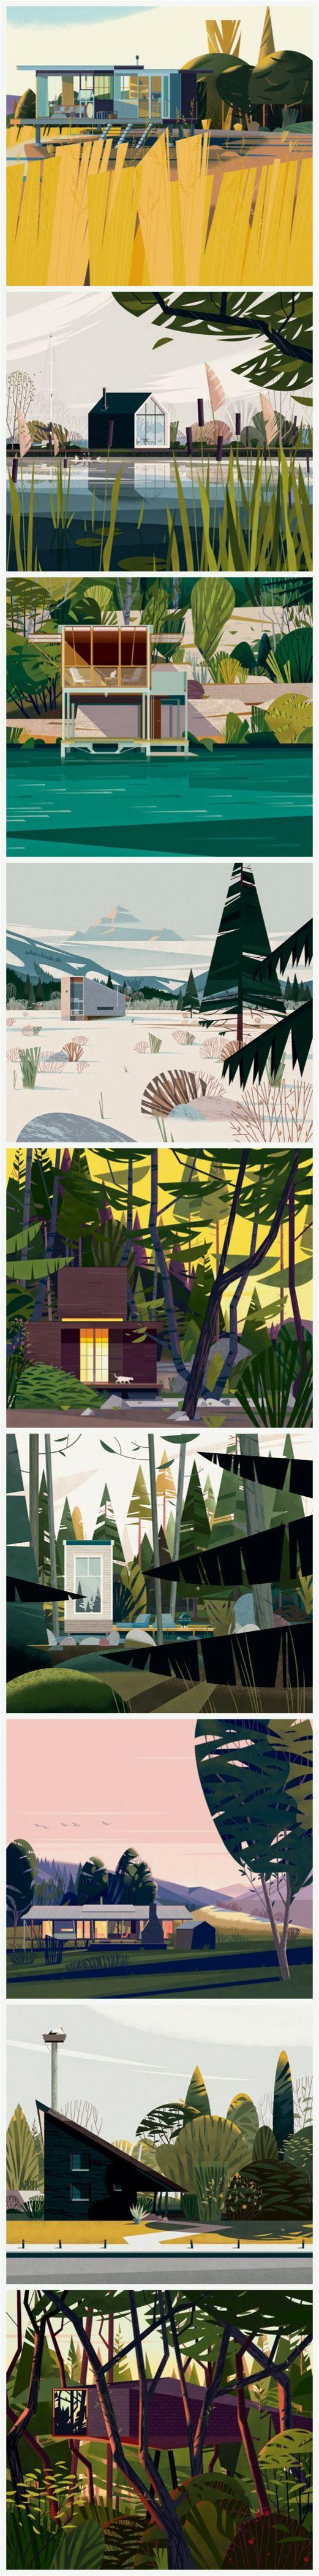 Cabins by Marie-Laure Cruschi aka Cruschiform